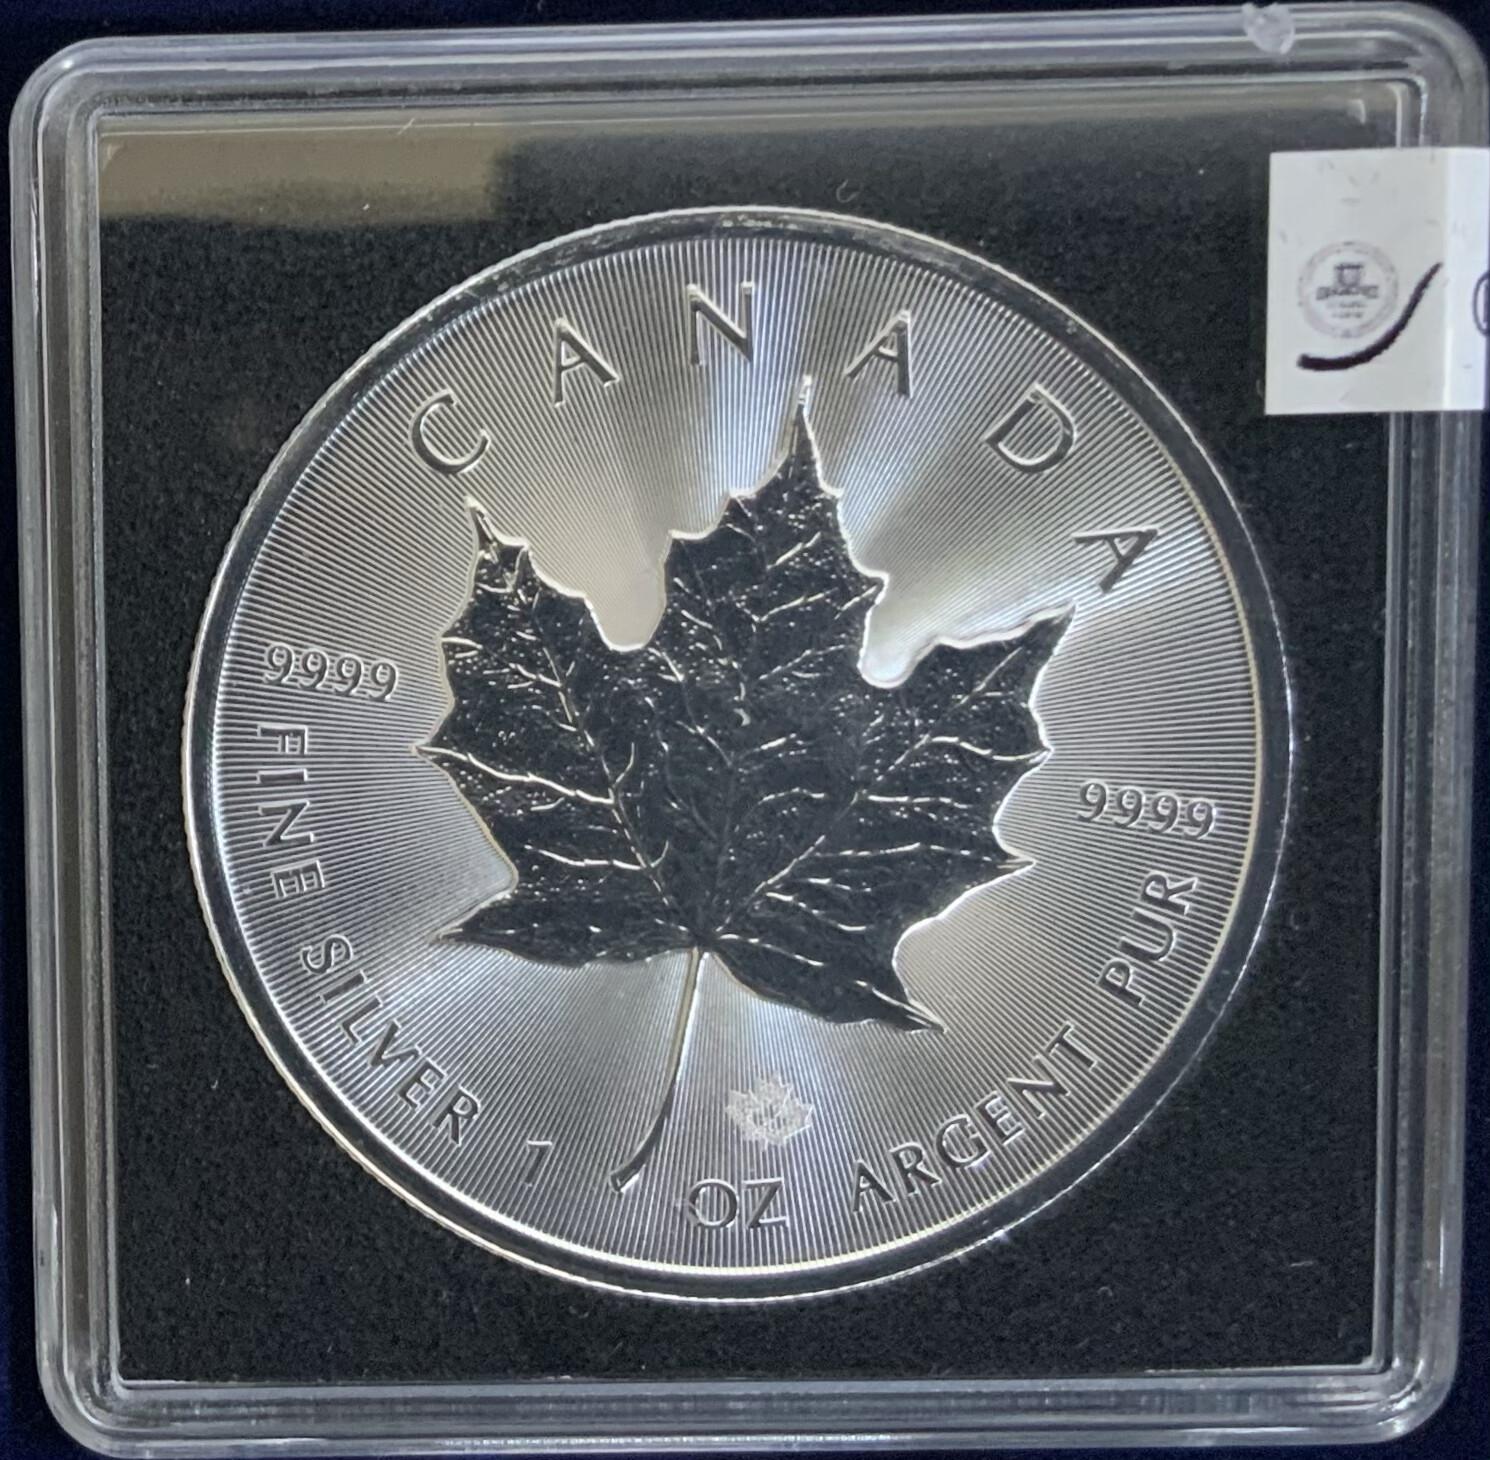 1 Oz Silver Canada - Maple Leaf - 2019